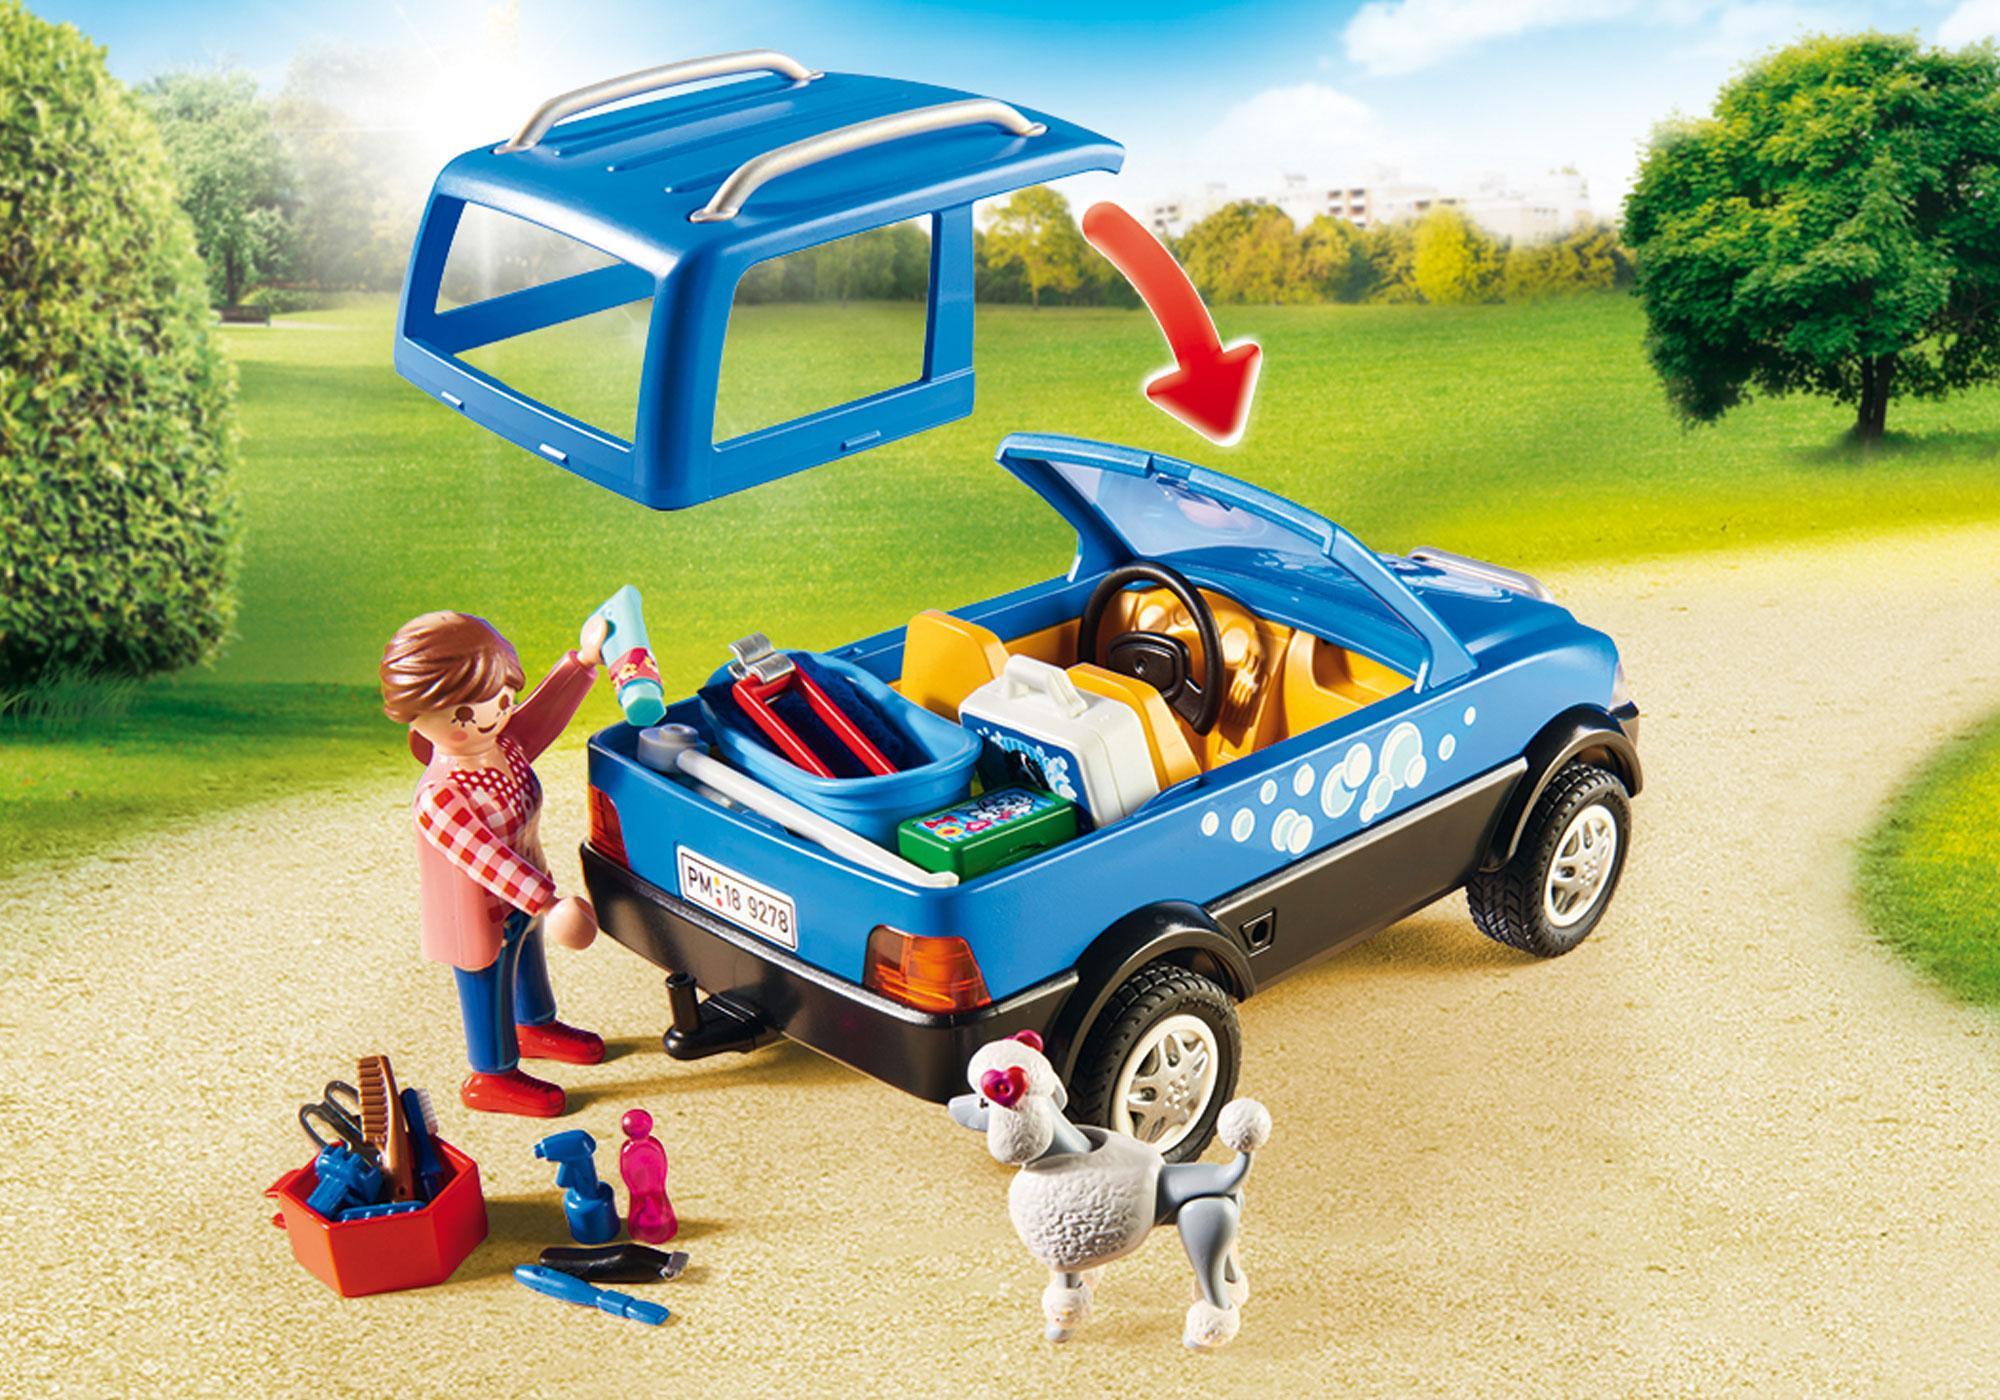 http://media.playmobil.com/i/playmobil/9278_product_extra1/Mobil hundesalon